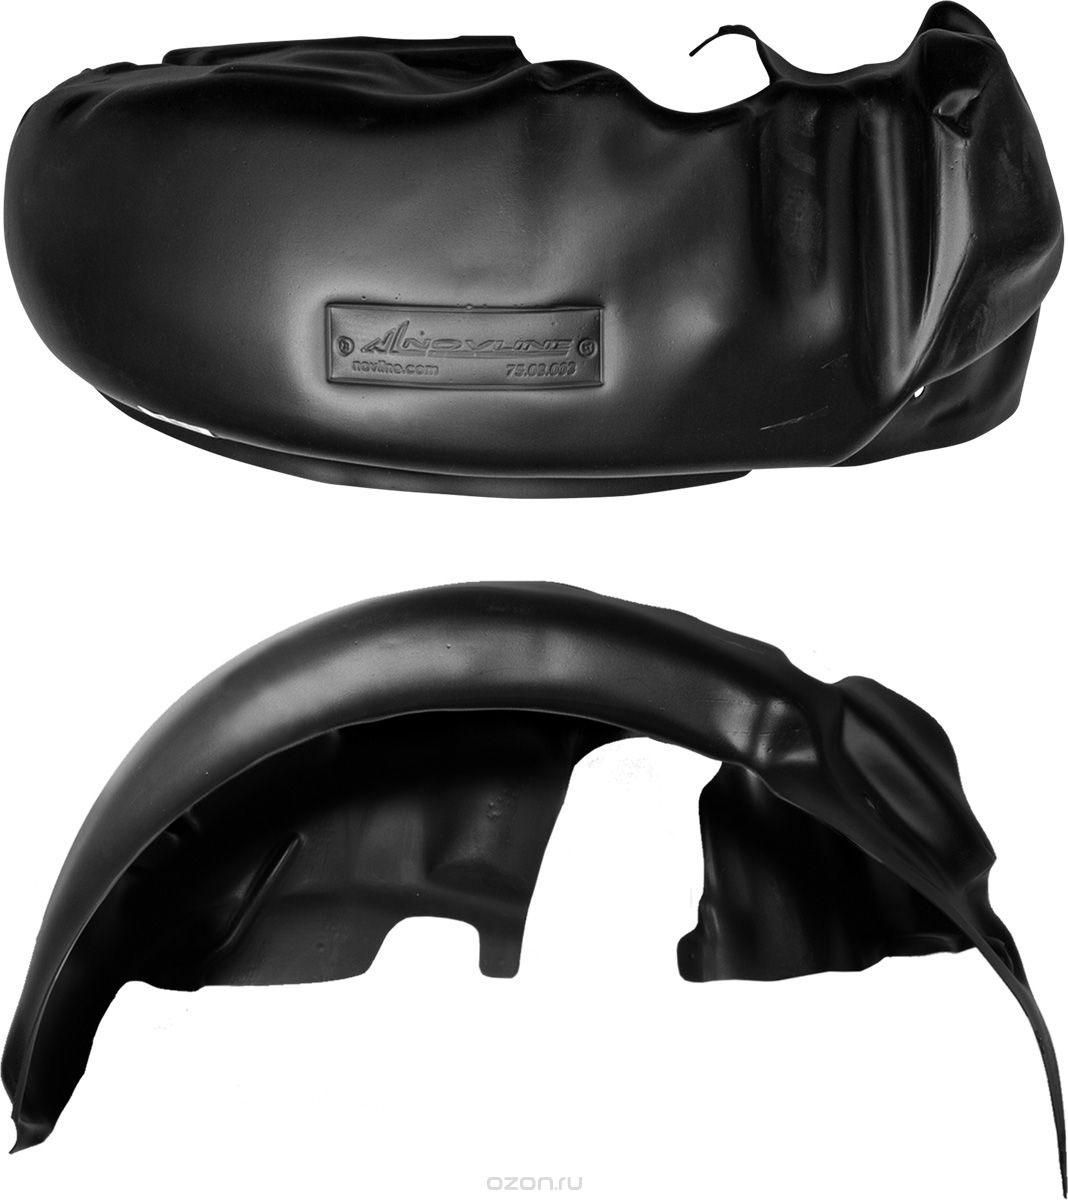 Подкрылок Novline-Autofamily, для KIA Cerato 03/2009-2013, задний правыйNLL.25.26.004Идеальная защита колесной ниши. Локеры разработаны с применением цифровых технологий, гарантируют максимальную повторяемость поверхности арки. Изделия устанавливаются без нарушения лакокрасочного покрытия автомобиля, каждый подкрылок комплектуется крепежом. Уважаемые клиенты, обращаем ваше внимание, что фотографии на подкрылки универсальные и не отражают реальную форму изделия. При этом само изделие идет точно под размер указанного автомобиля.